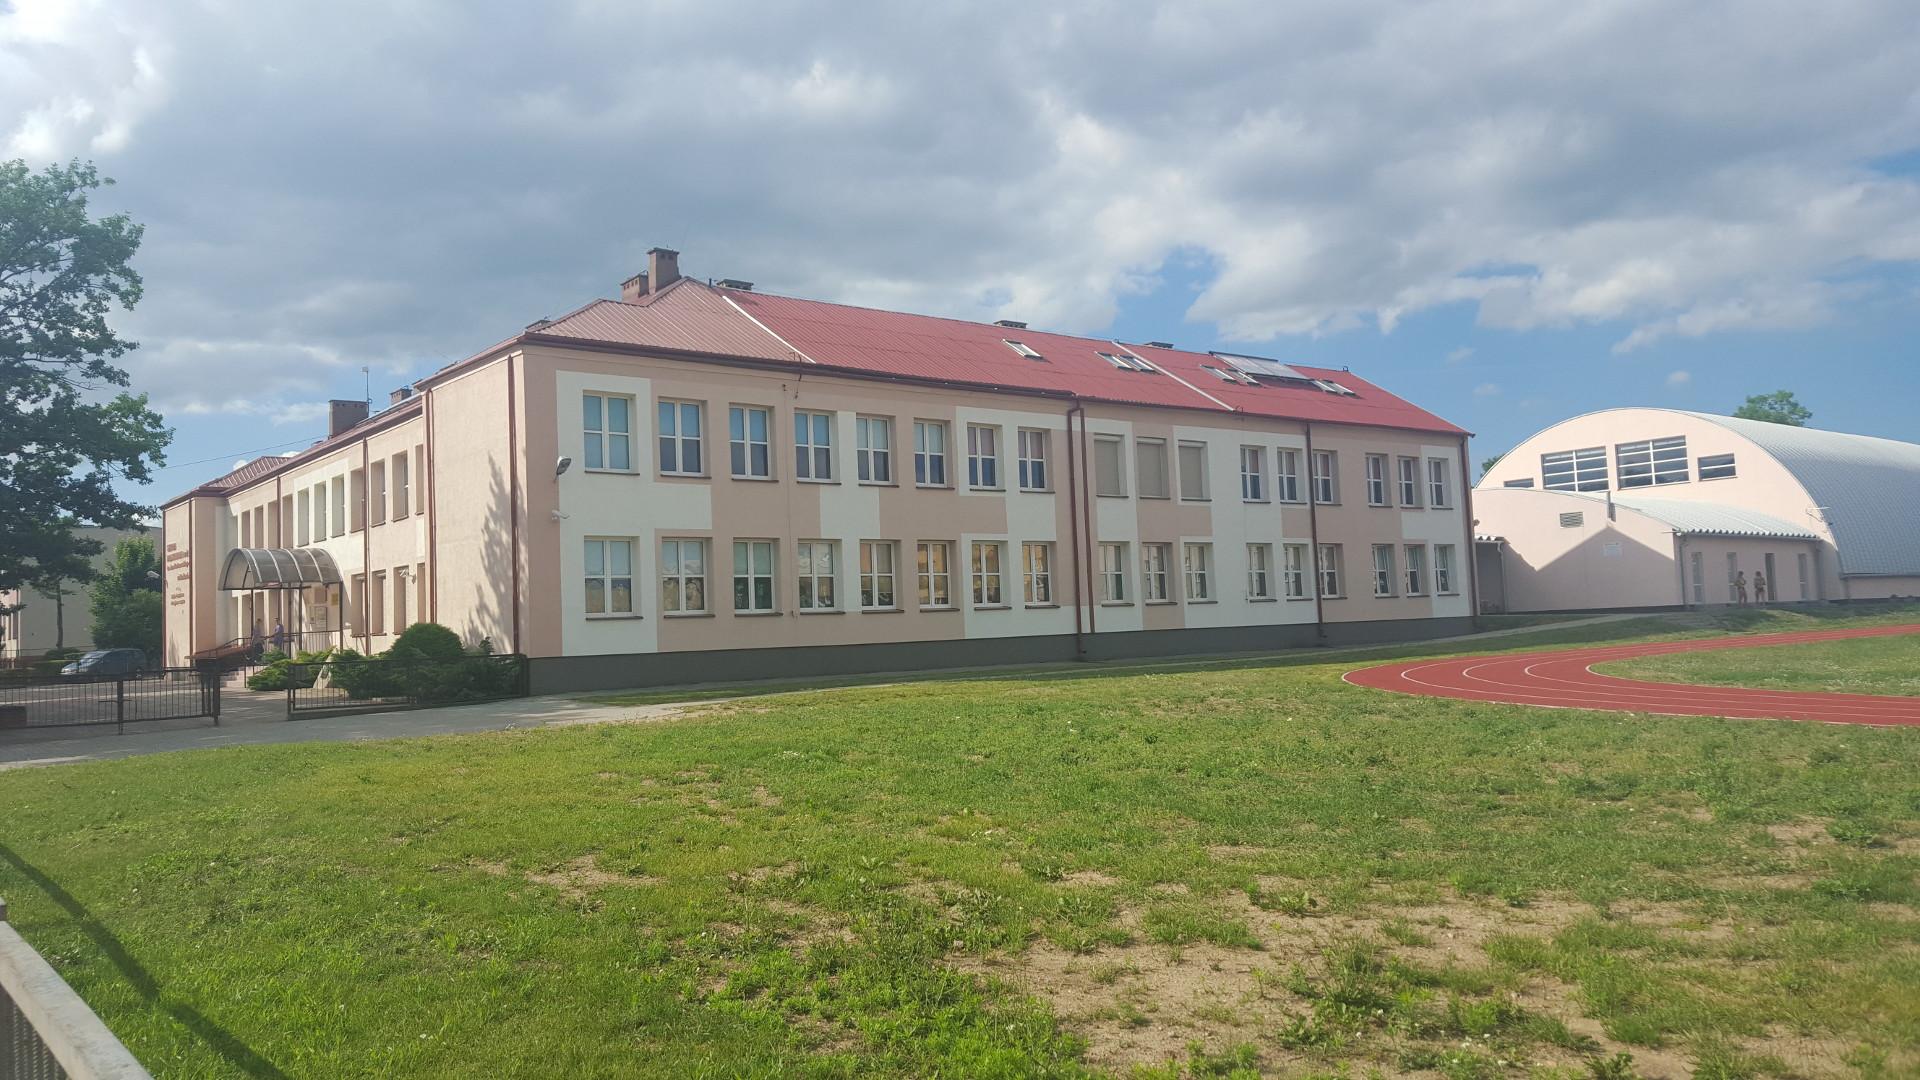 Remont oraz termomodernizacja budynku Szkoły Podstawowej nr 2 im. Jana Kochanowskiego w Mońkach - 1